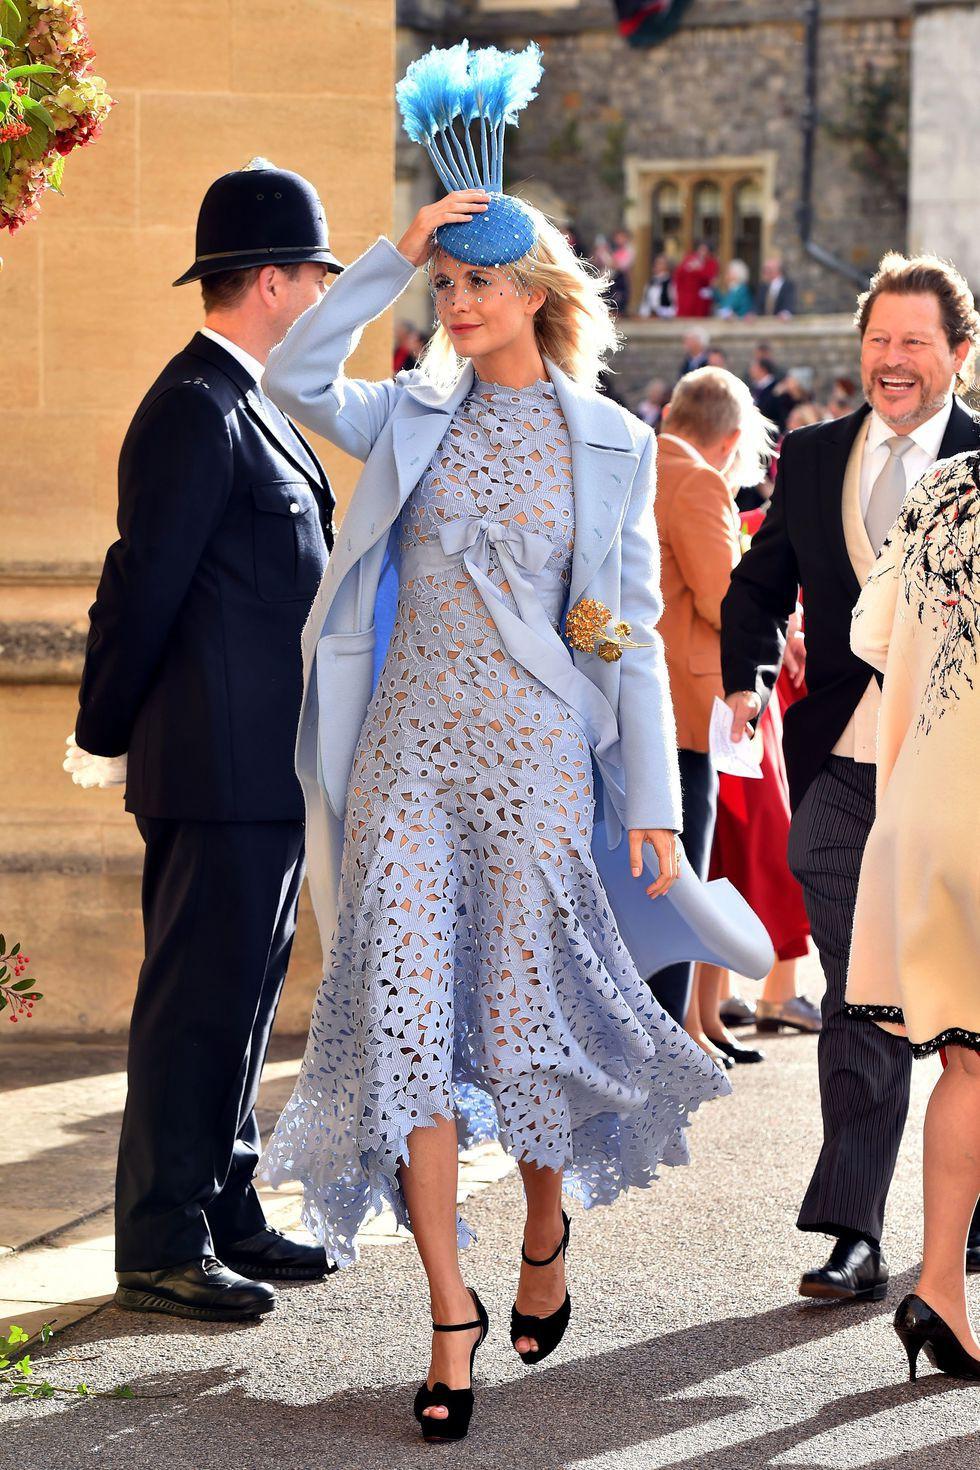 Đám cưới Công chúa Eugenie: Cara Delevingne chơi trội diện đồ nam, làm lu mờ cả Công nương Kate và Meghan - Ảnh 6.